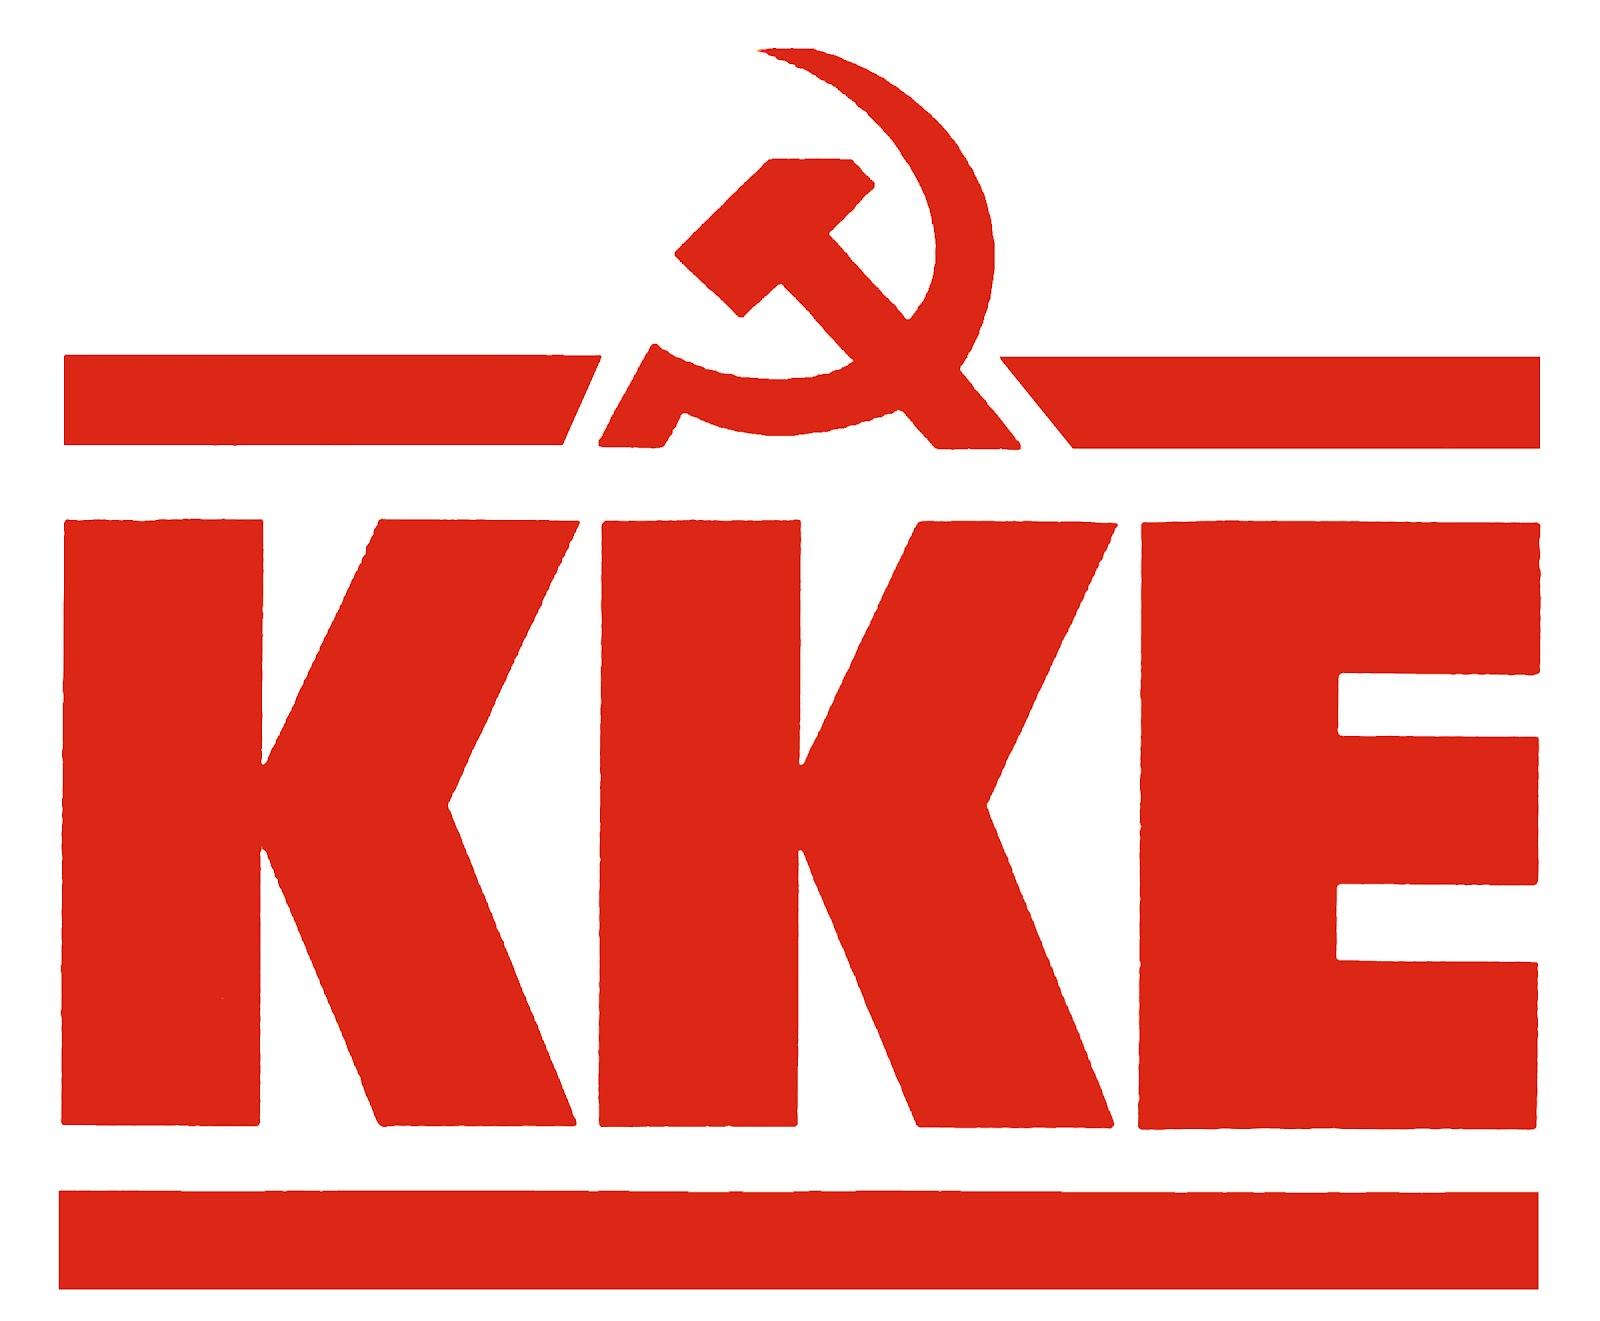 kke-red.jpg